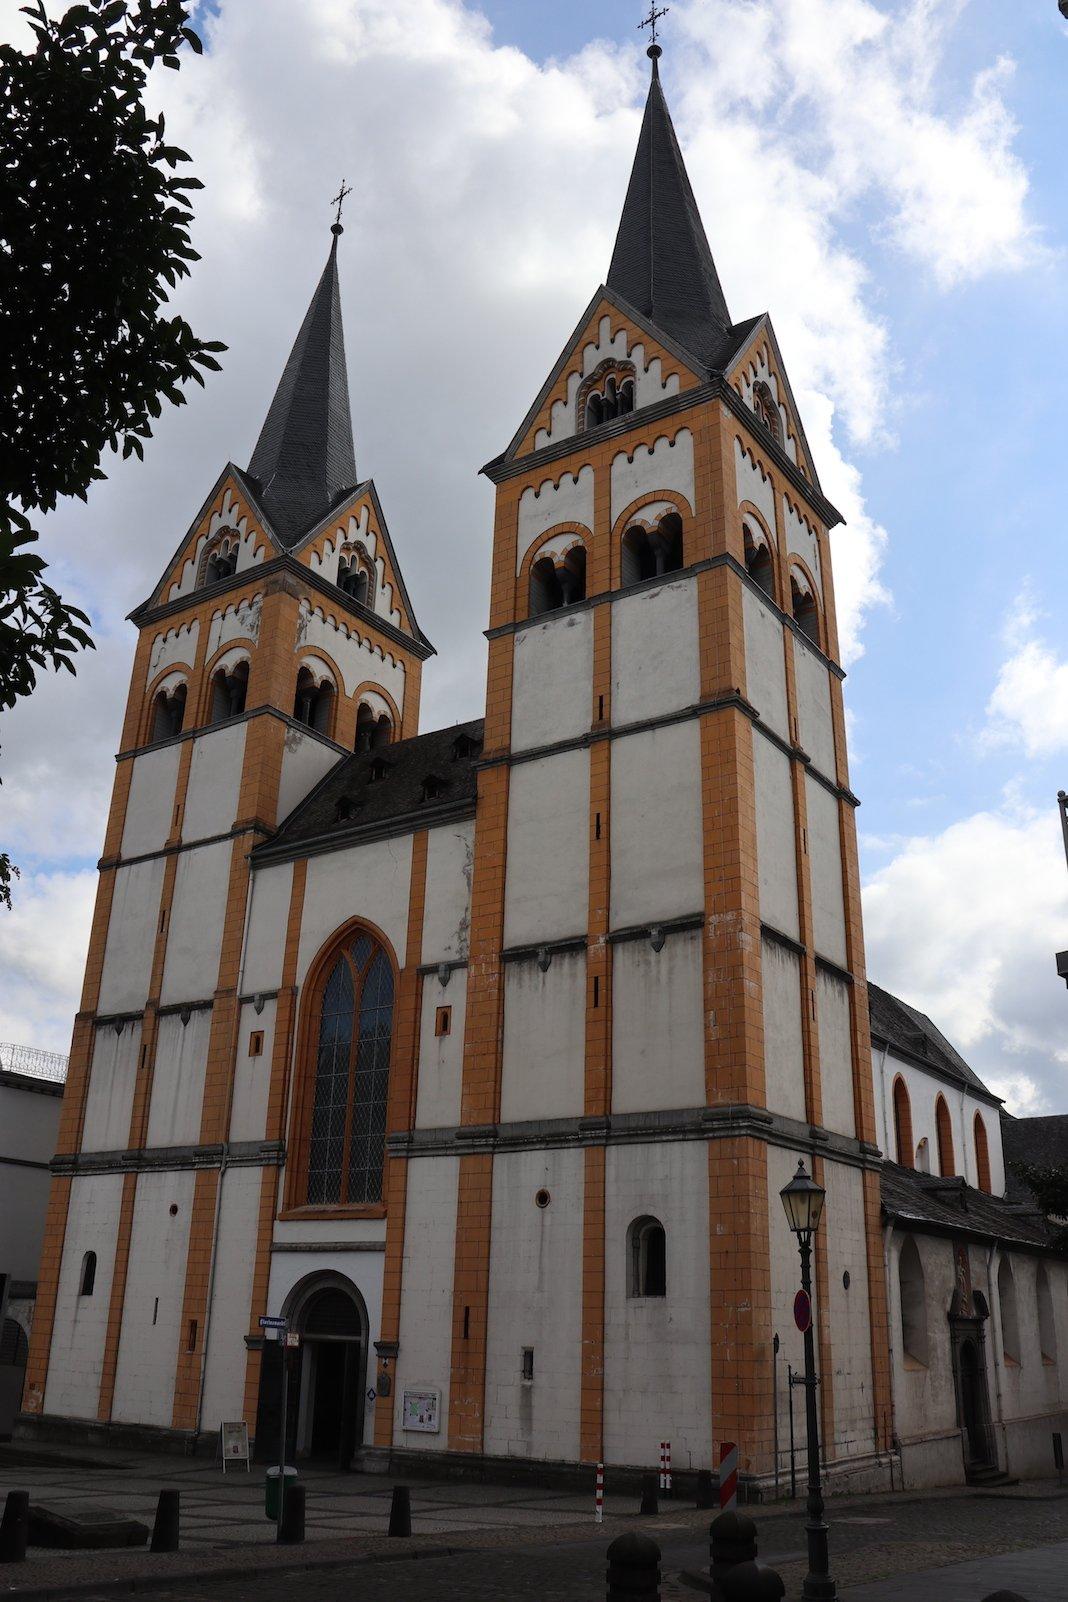 Die Florinskirche in Koblenz von außen